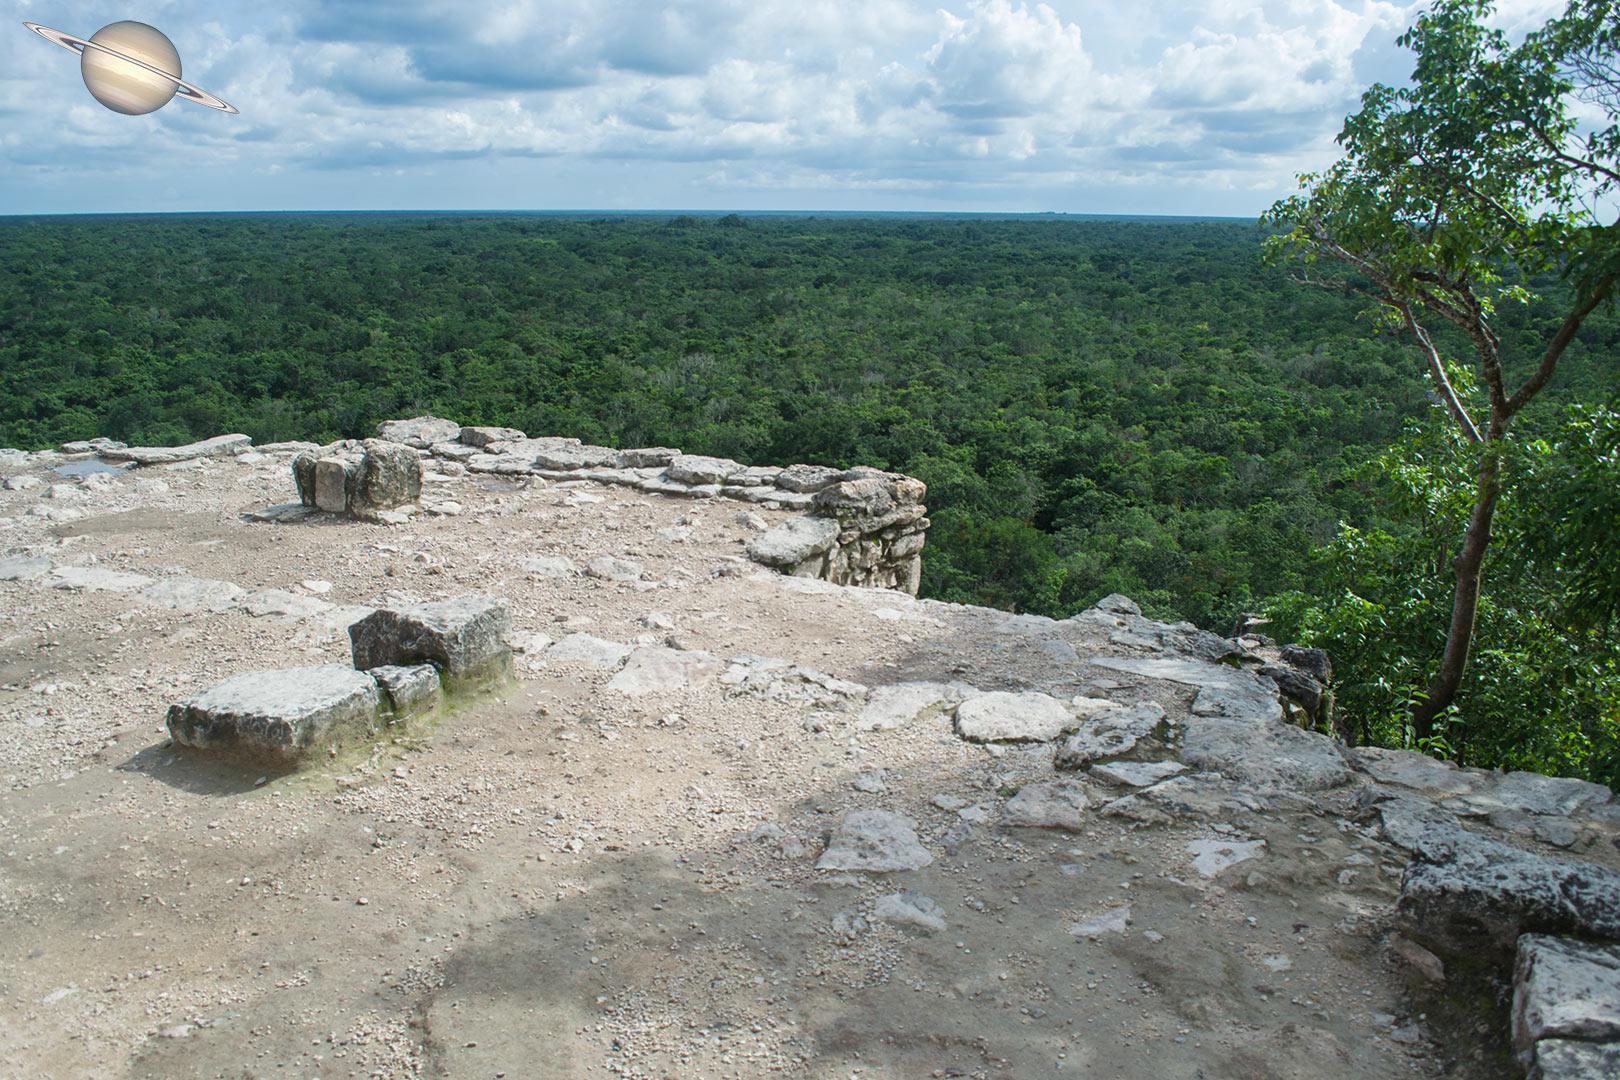 coba yucatan mexico 1 - Suba uma Pirâmide em Coba, Antiga Cidade Maia, México